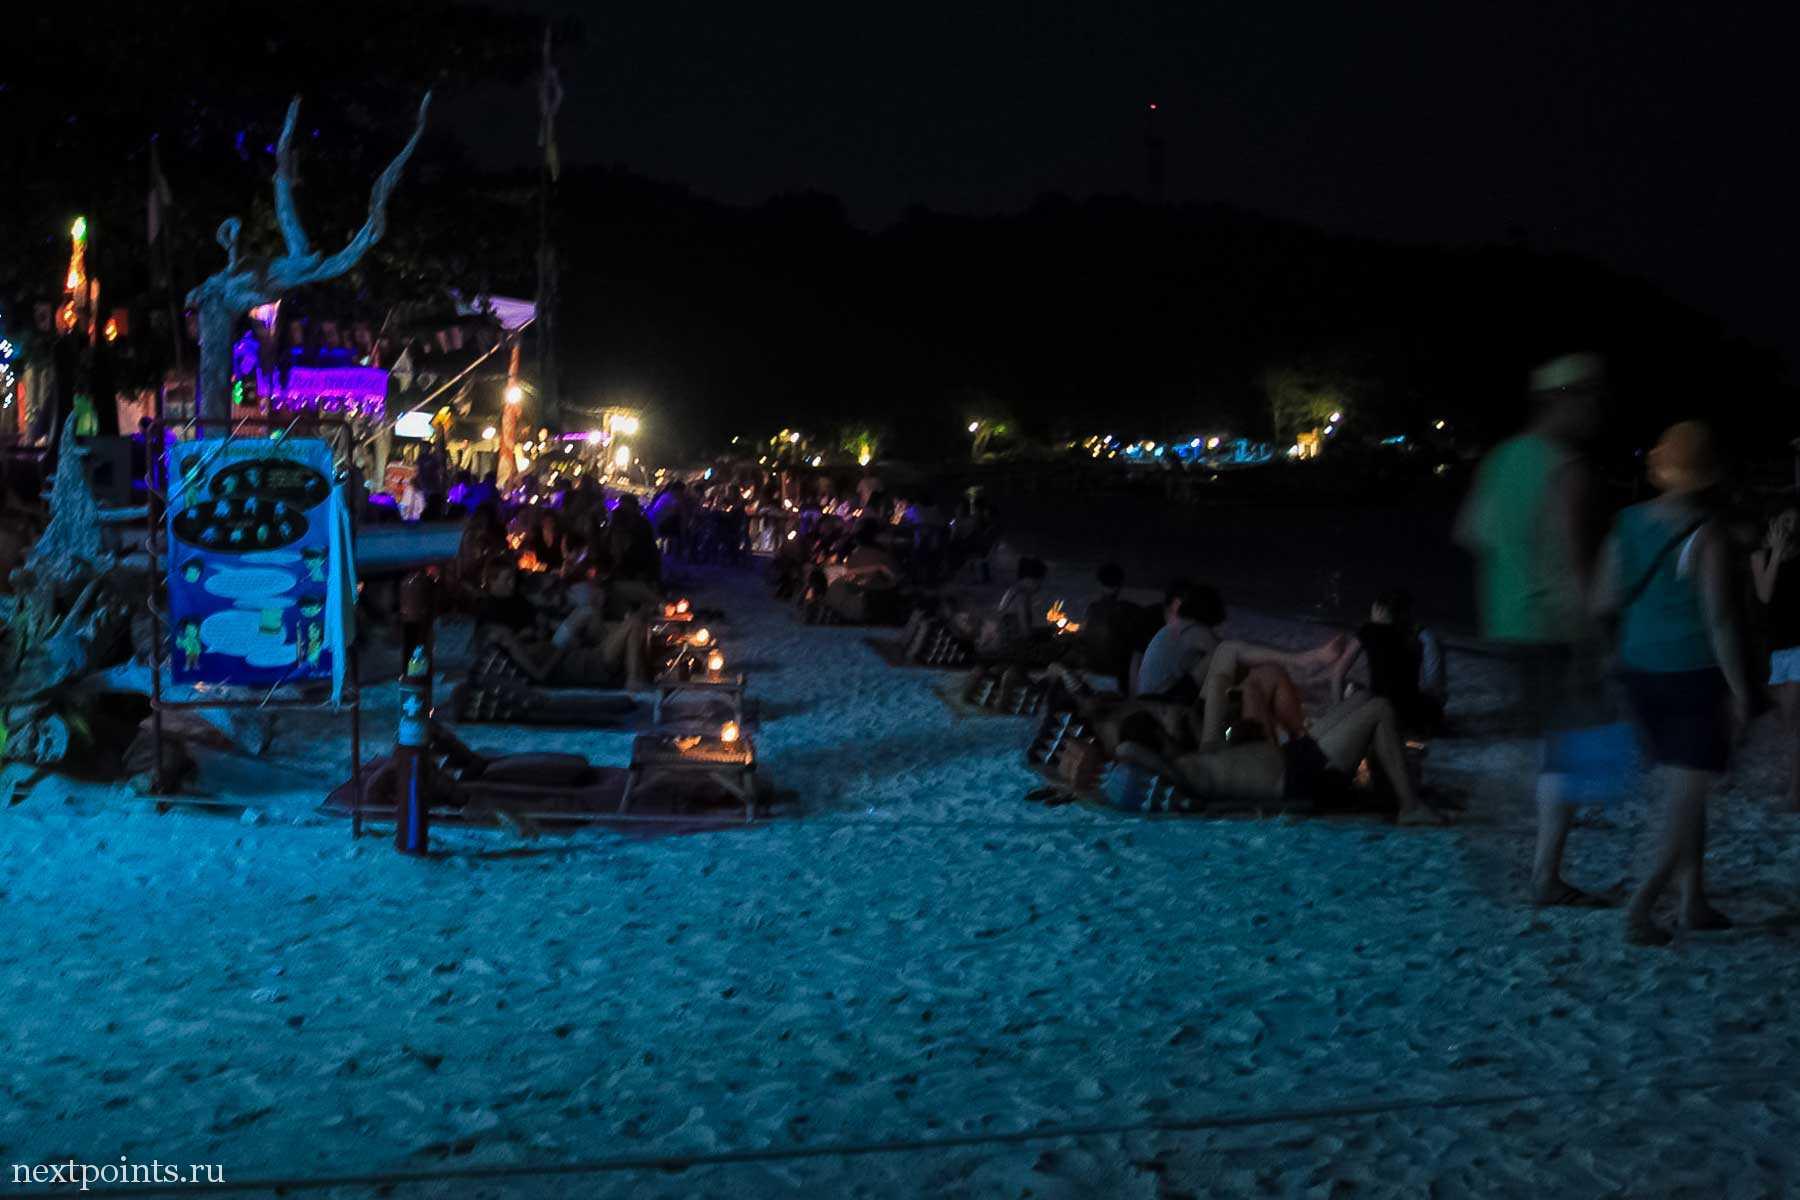 Набережная пляжа Pattaya вечером